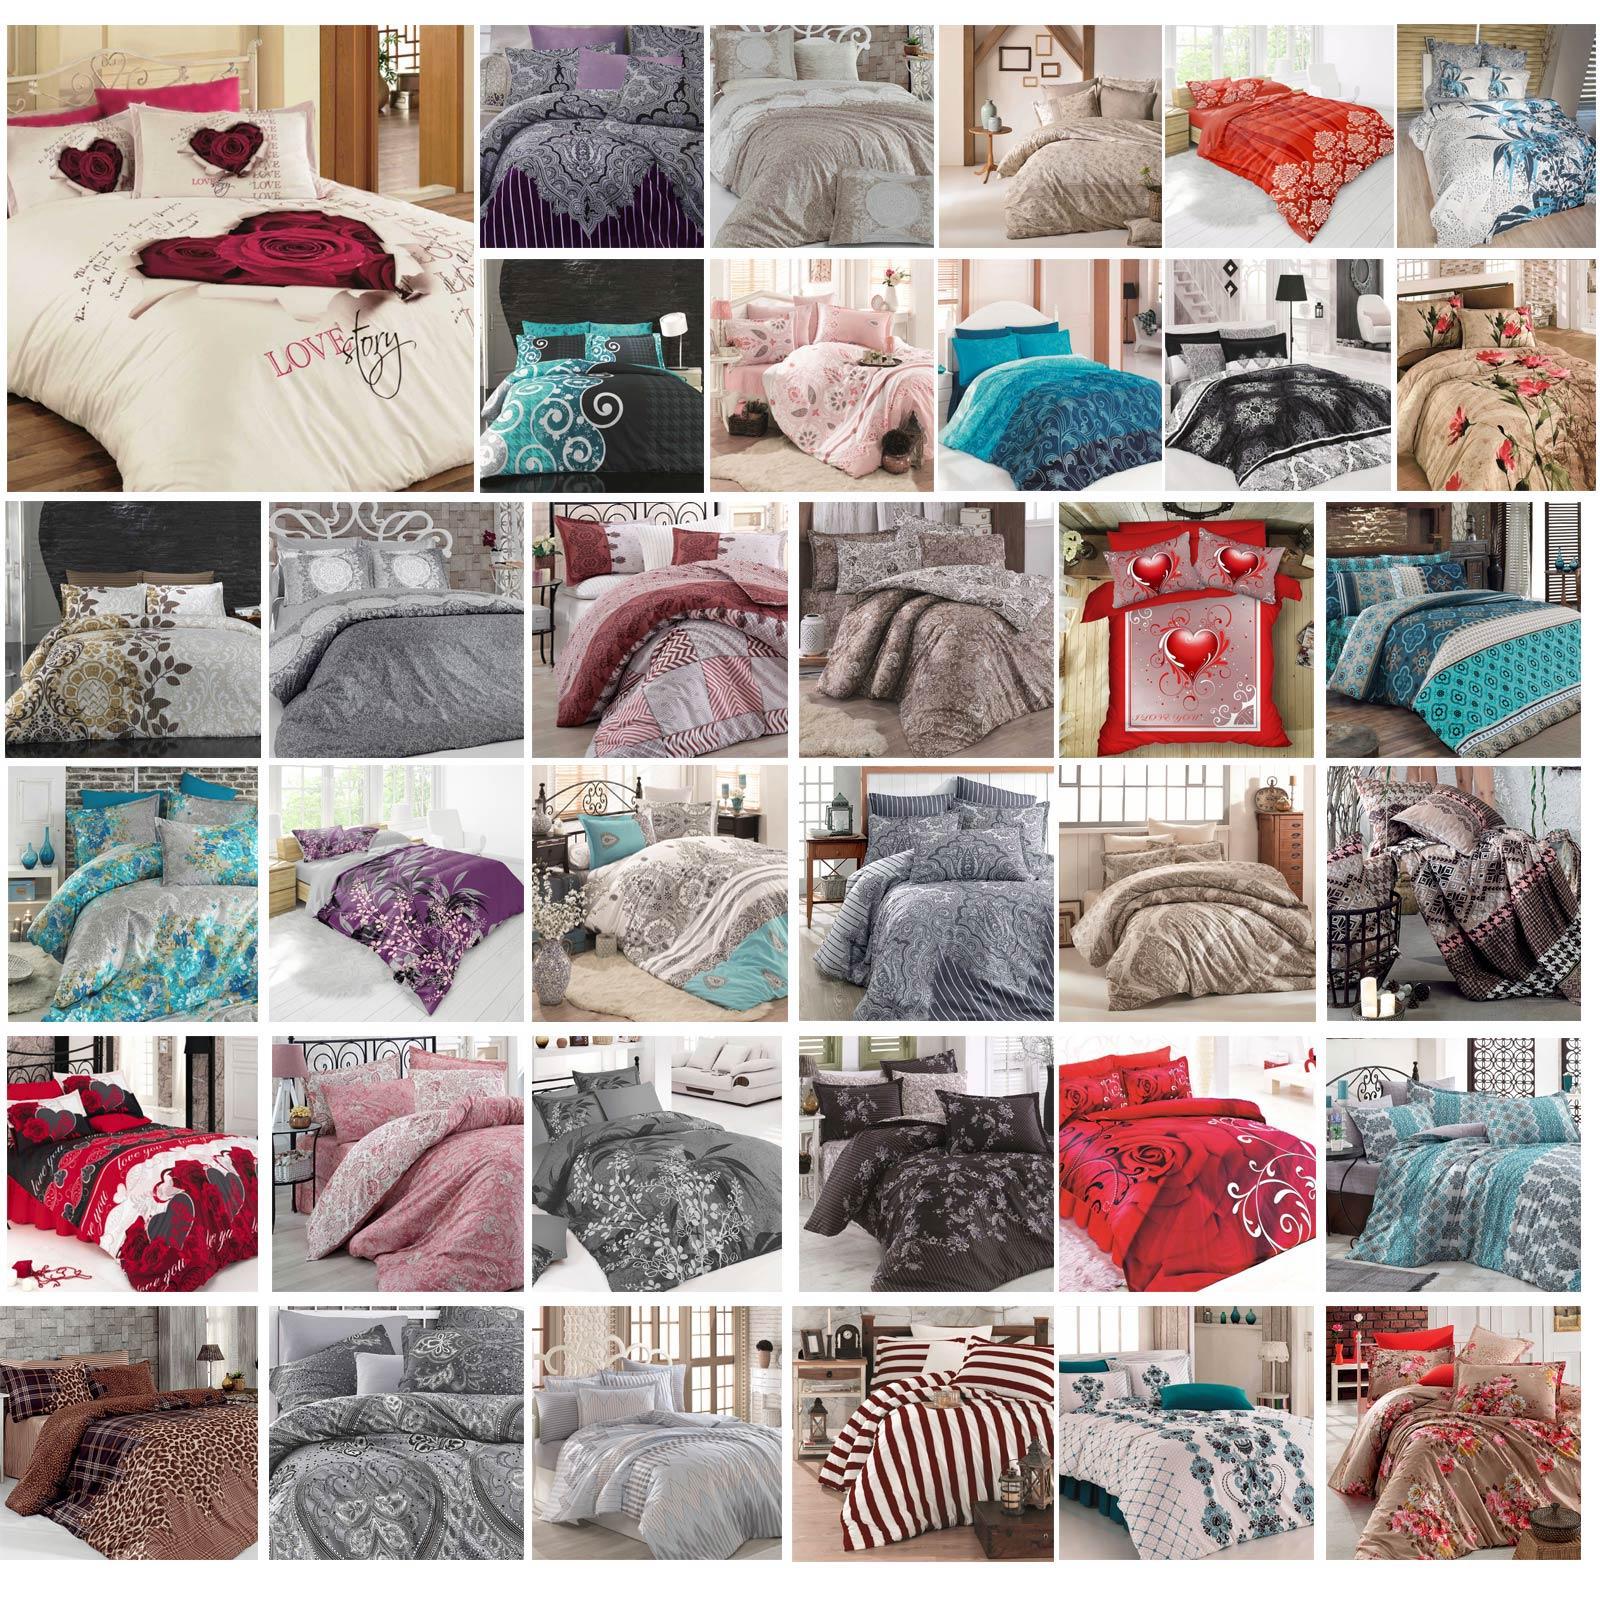 823f189736 Details Zu Bettwäsche 220x240 Cm Bettgarnitur Bettbezug Baumwolle Kissen  Decke 6 Tlg Var 6